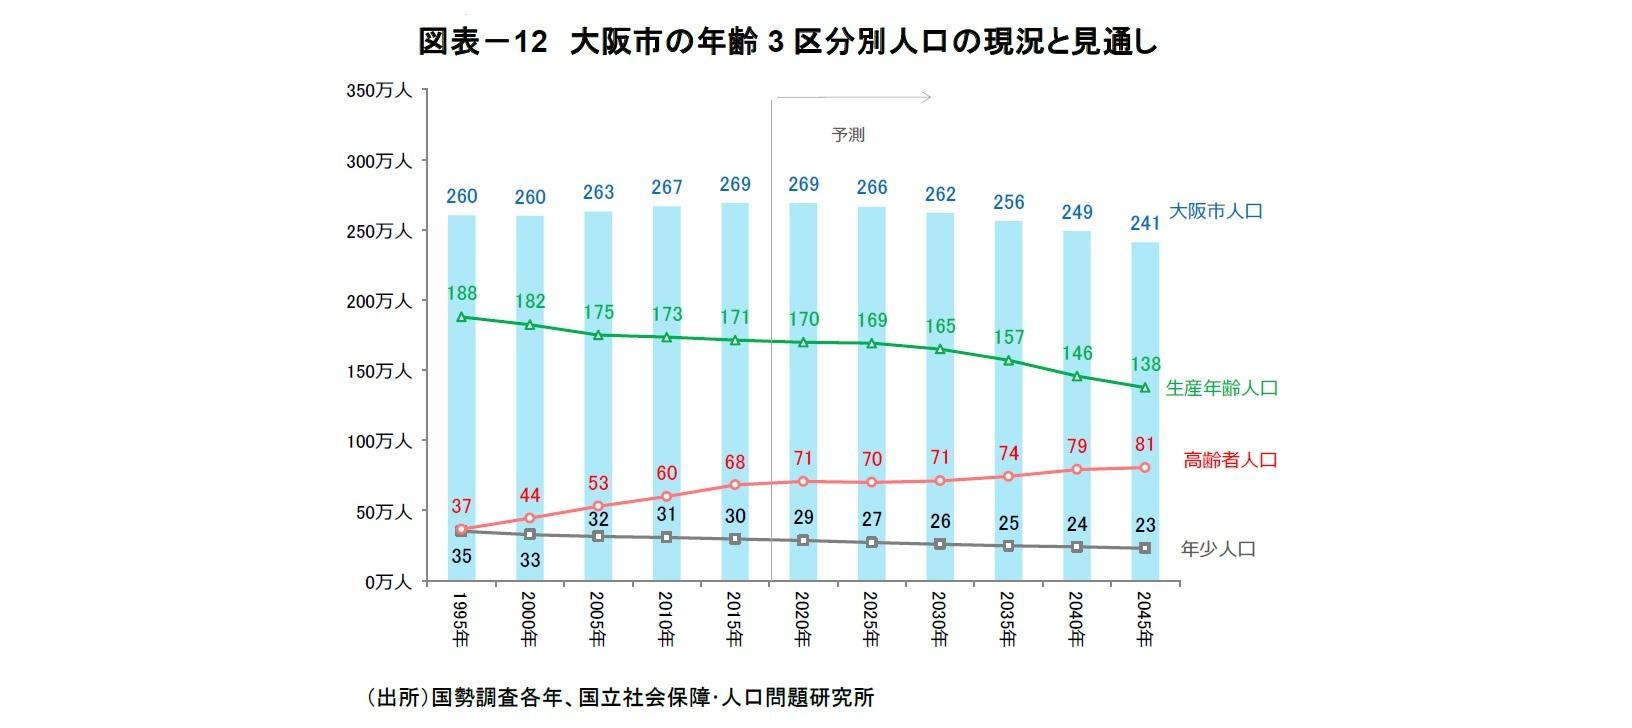 図表-12 大阪市の年齢3区分別人口の現況と見通し